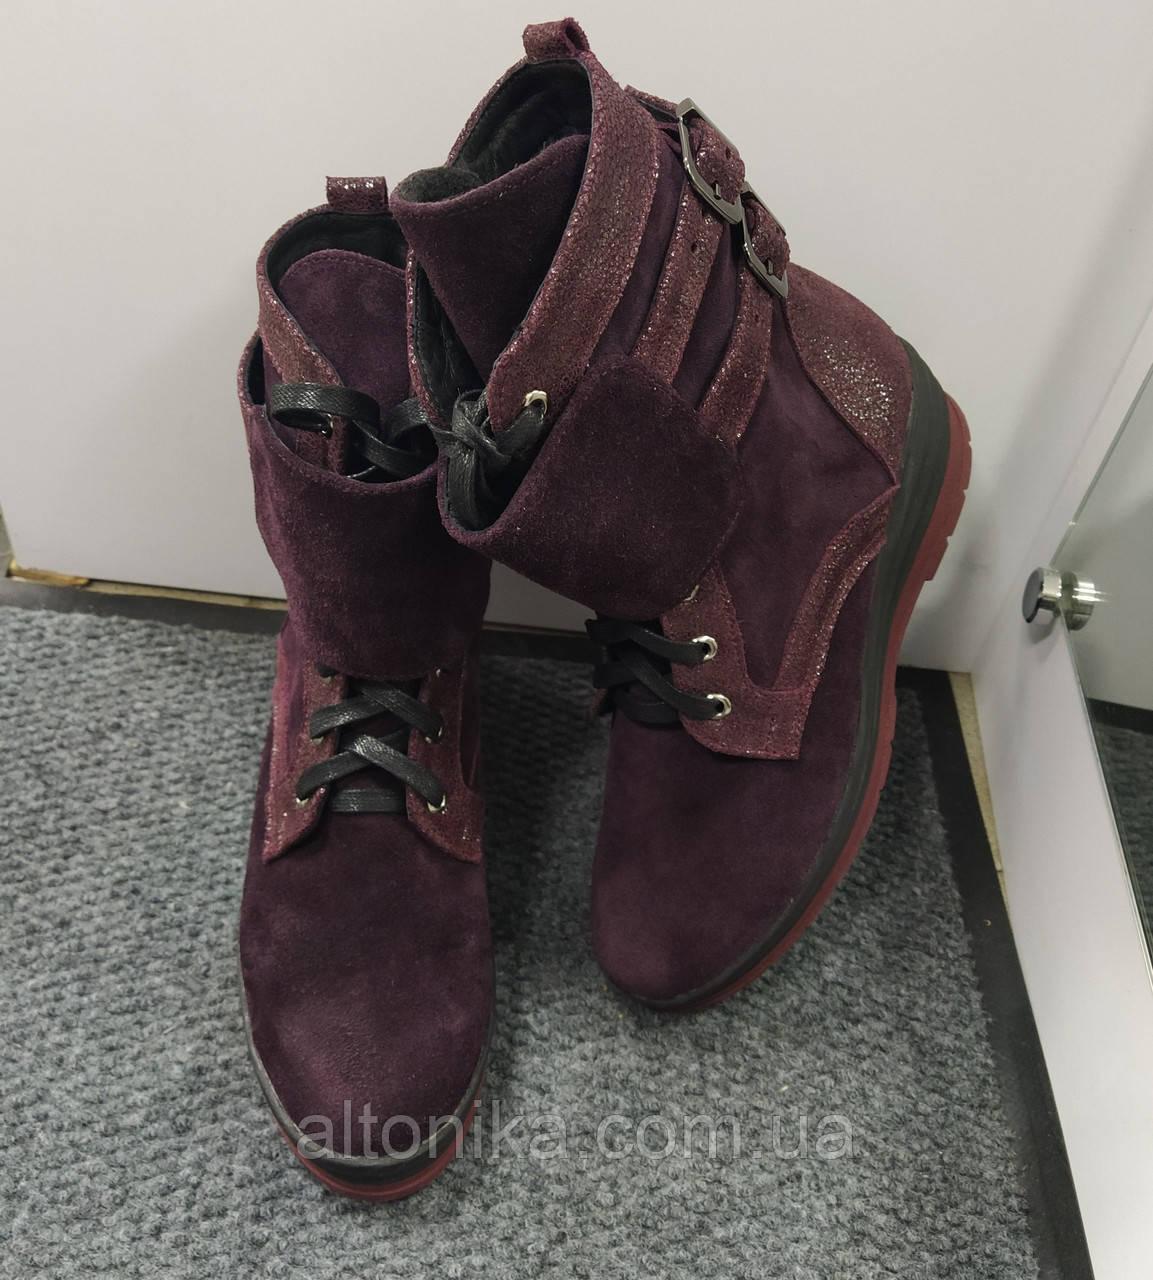 STTOPA 38р деми! Размеры 36-41! Ботинки кожаные больших размеров! С9-56-3641-55-3641